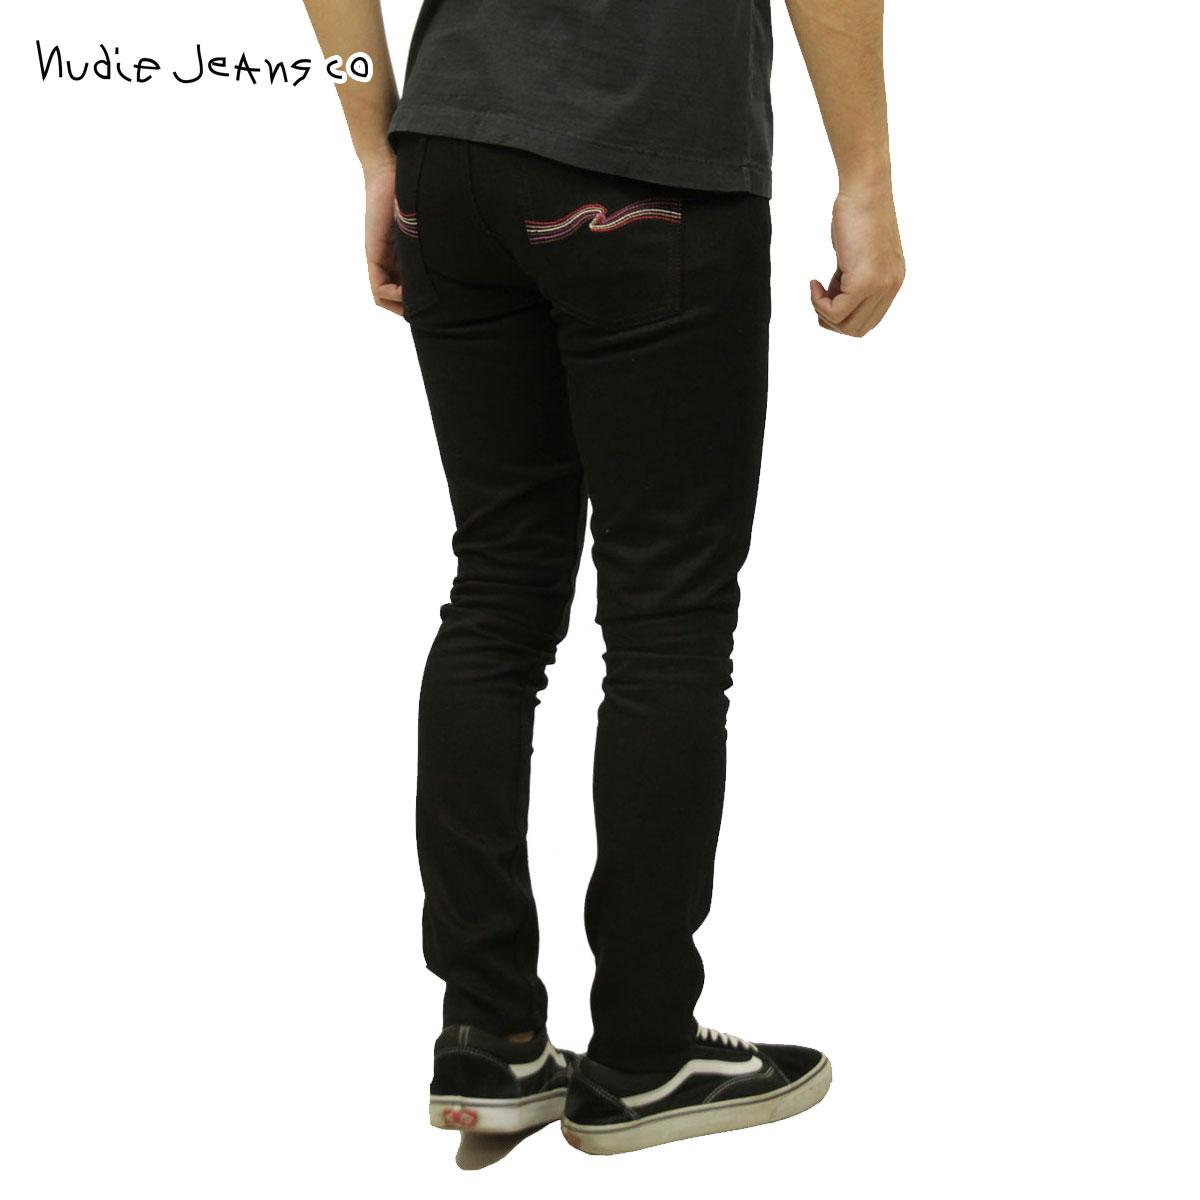 ヌーディージーンズ ジーンズ メンズ 正規販売店 Nudie Jeans リーンディーン ジーパン LEAN DEAN DENIM JEANS DRY REBERTH 088 11321203 1431 A62B B1C C2D D1E E13F